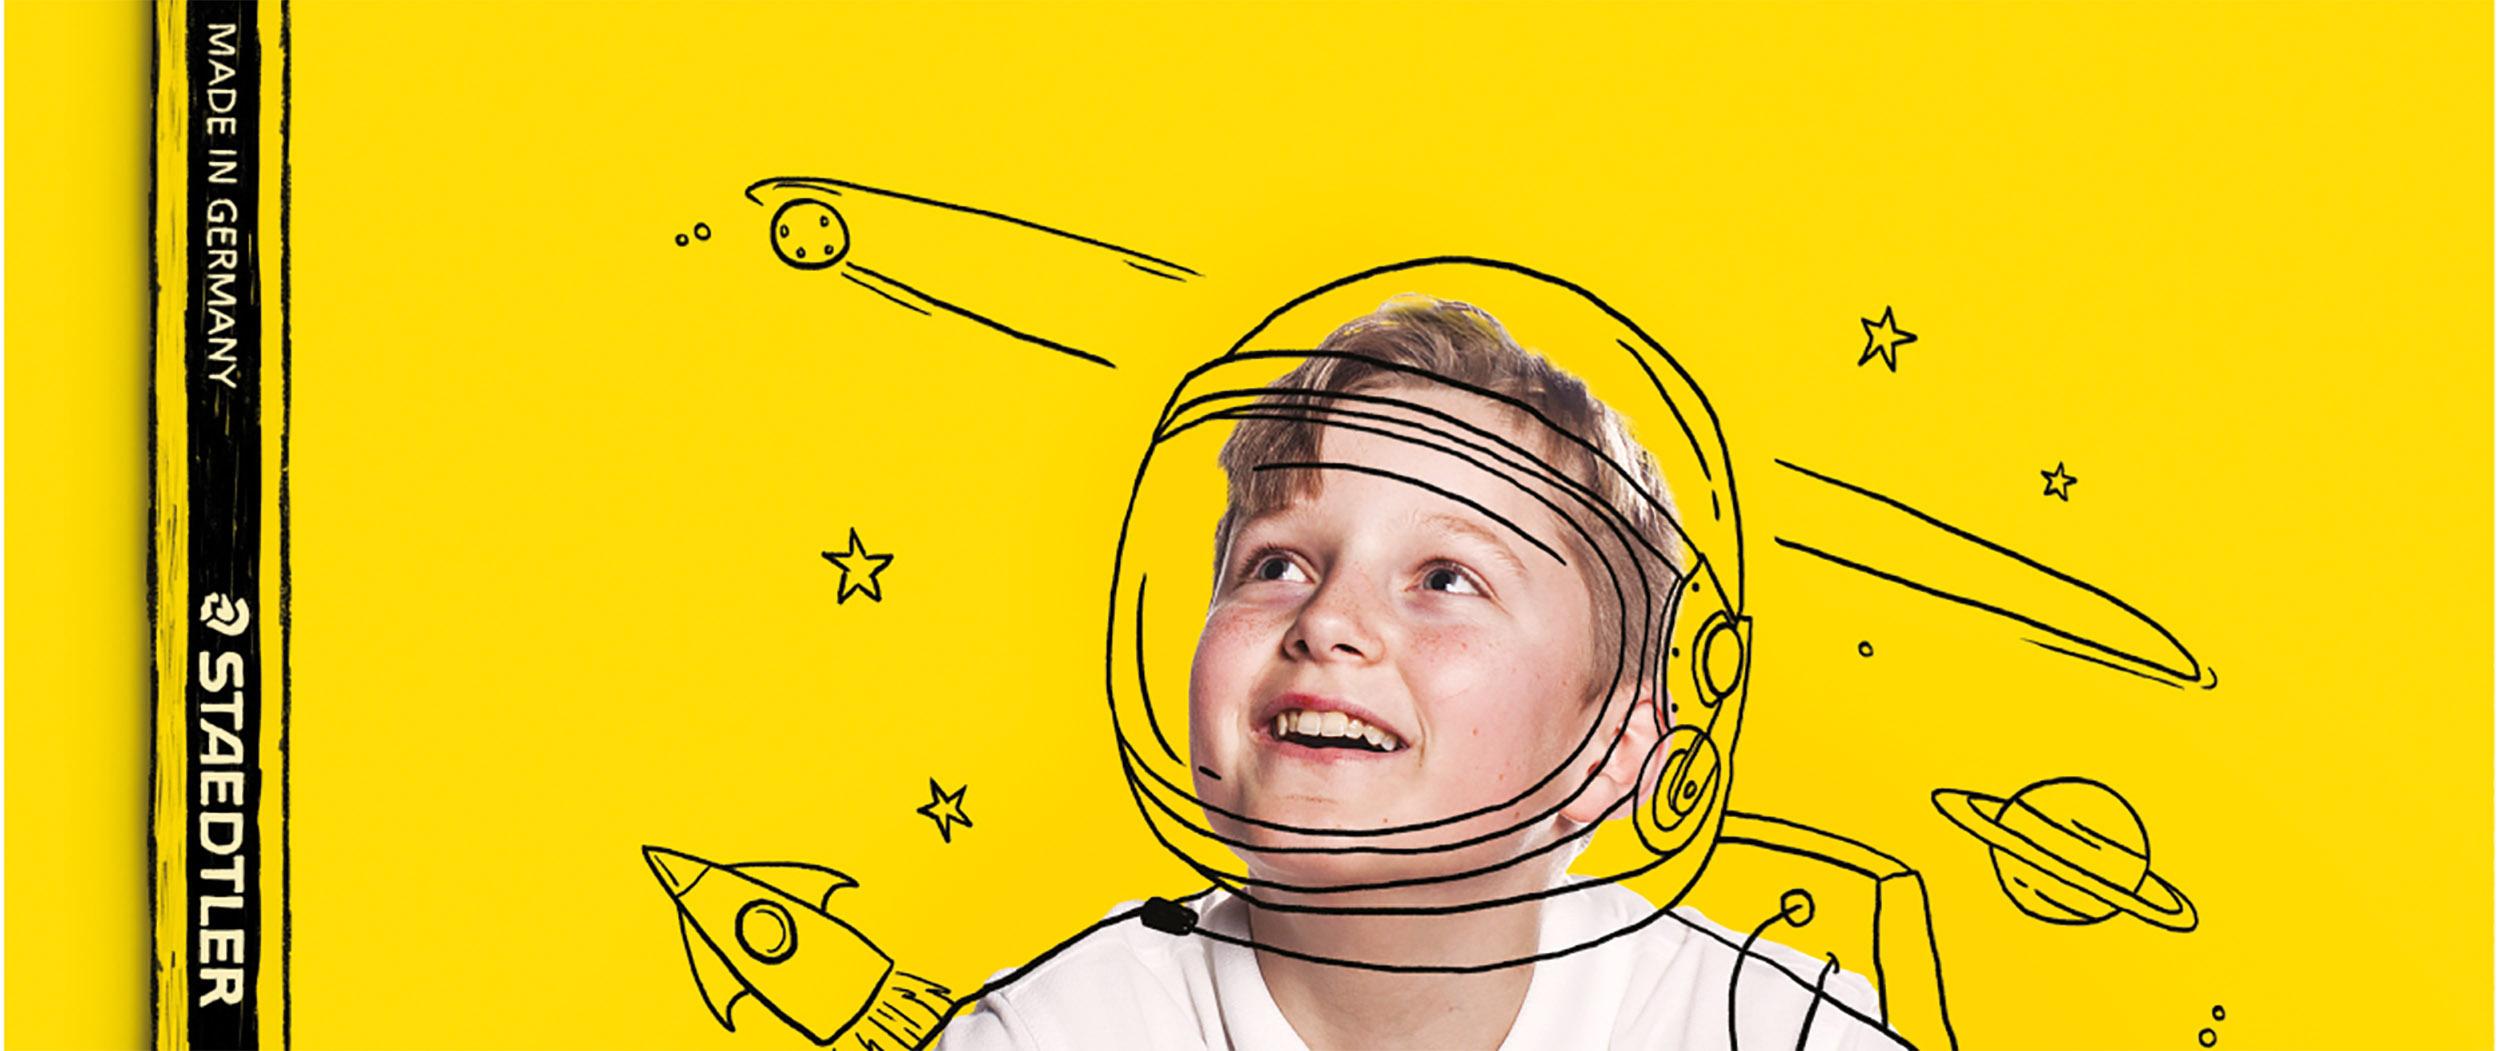 Noris 2018 Campaign - Astronaut copy.jpg